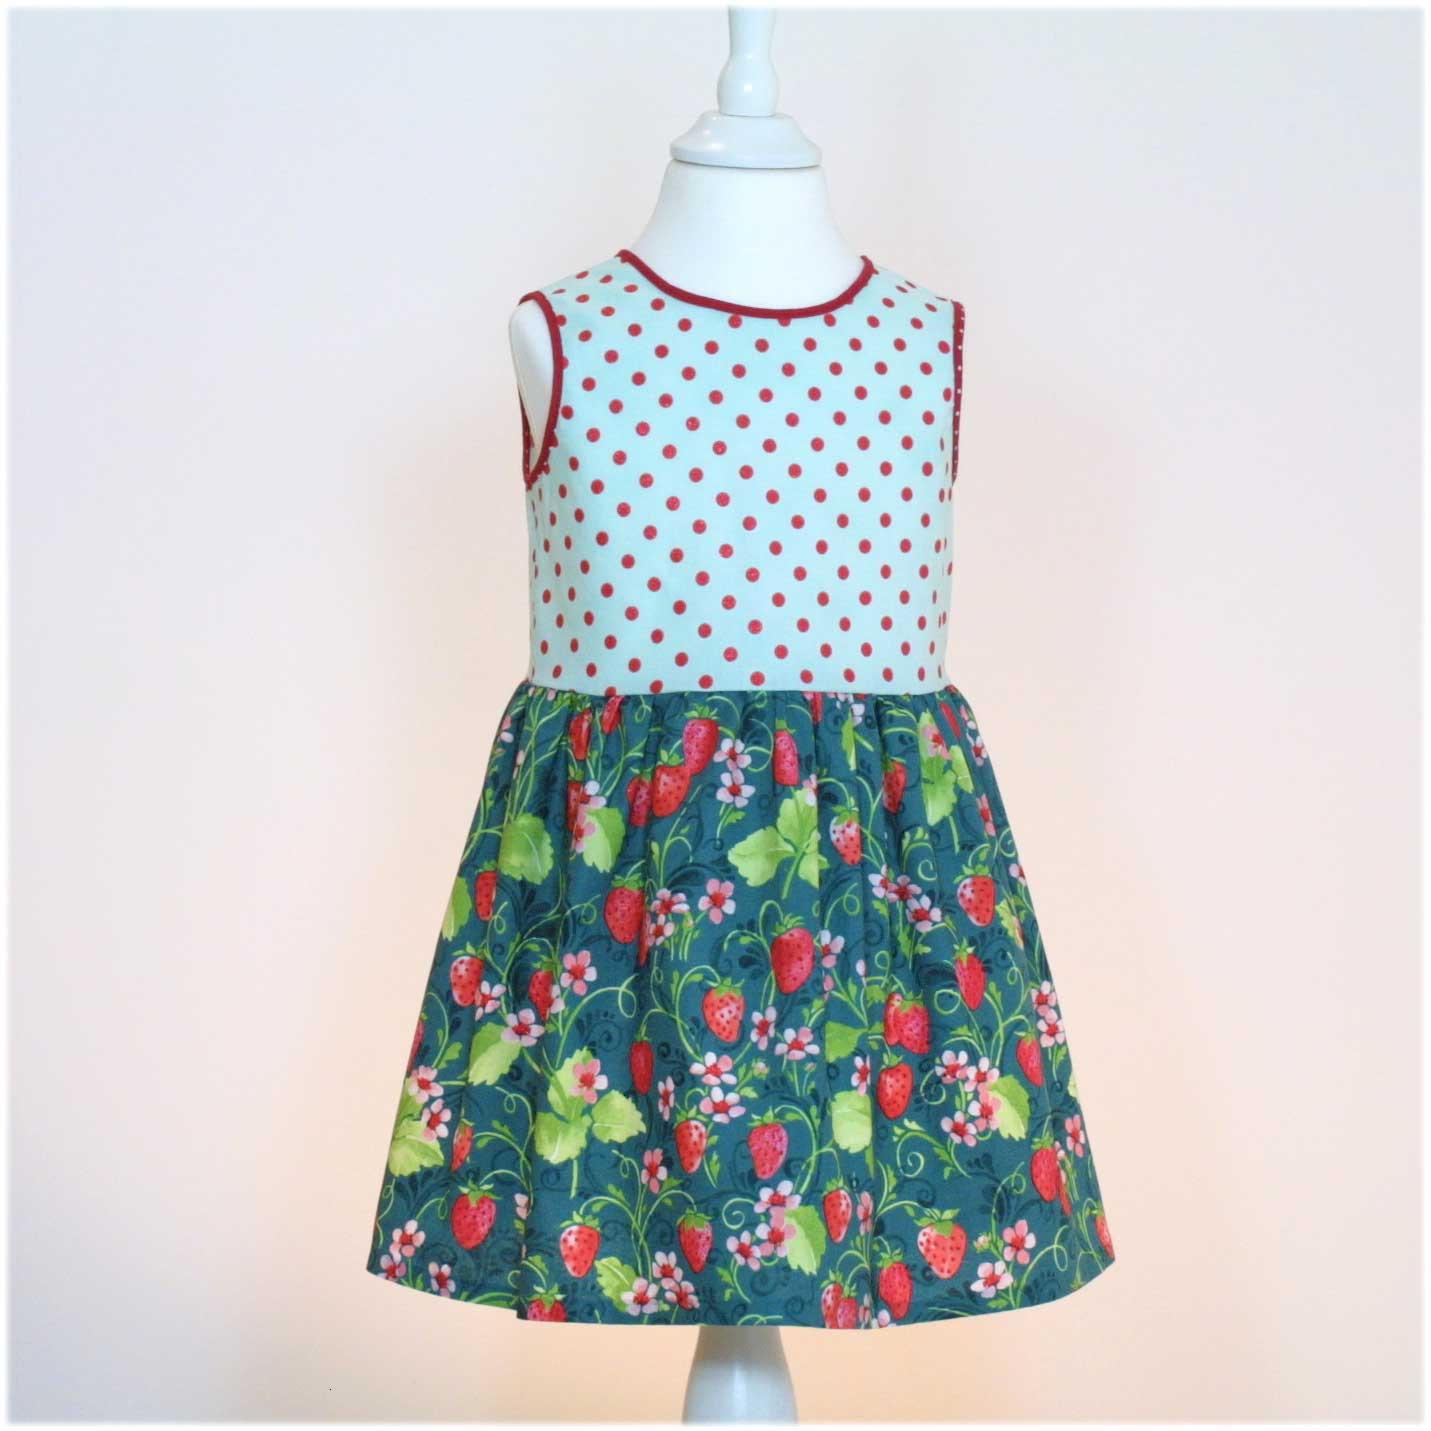 Traumhafte Mädchenkleider Für Frühjahr Und Sommer  Nähen